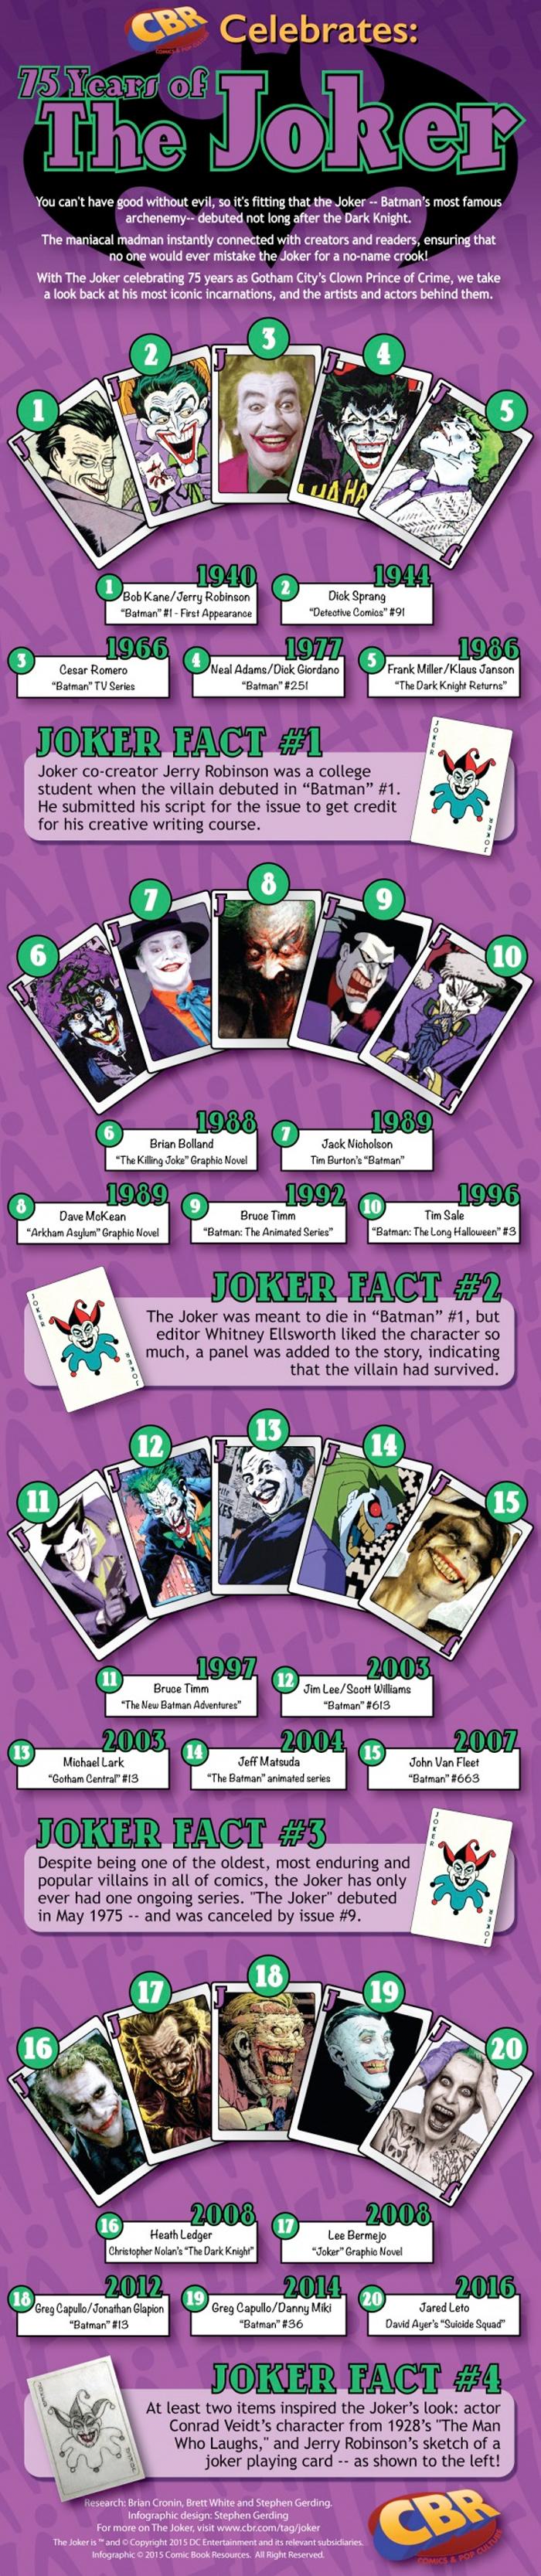 joker-infographic-evolution